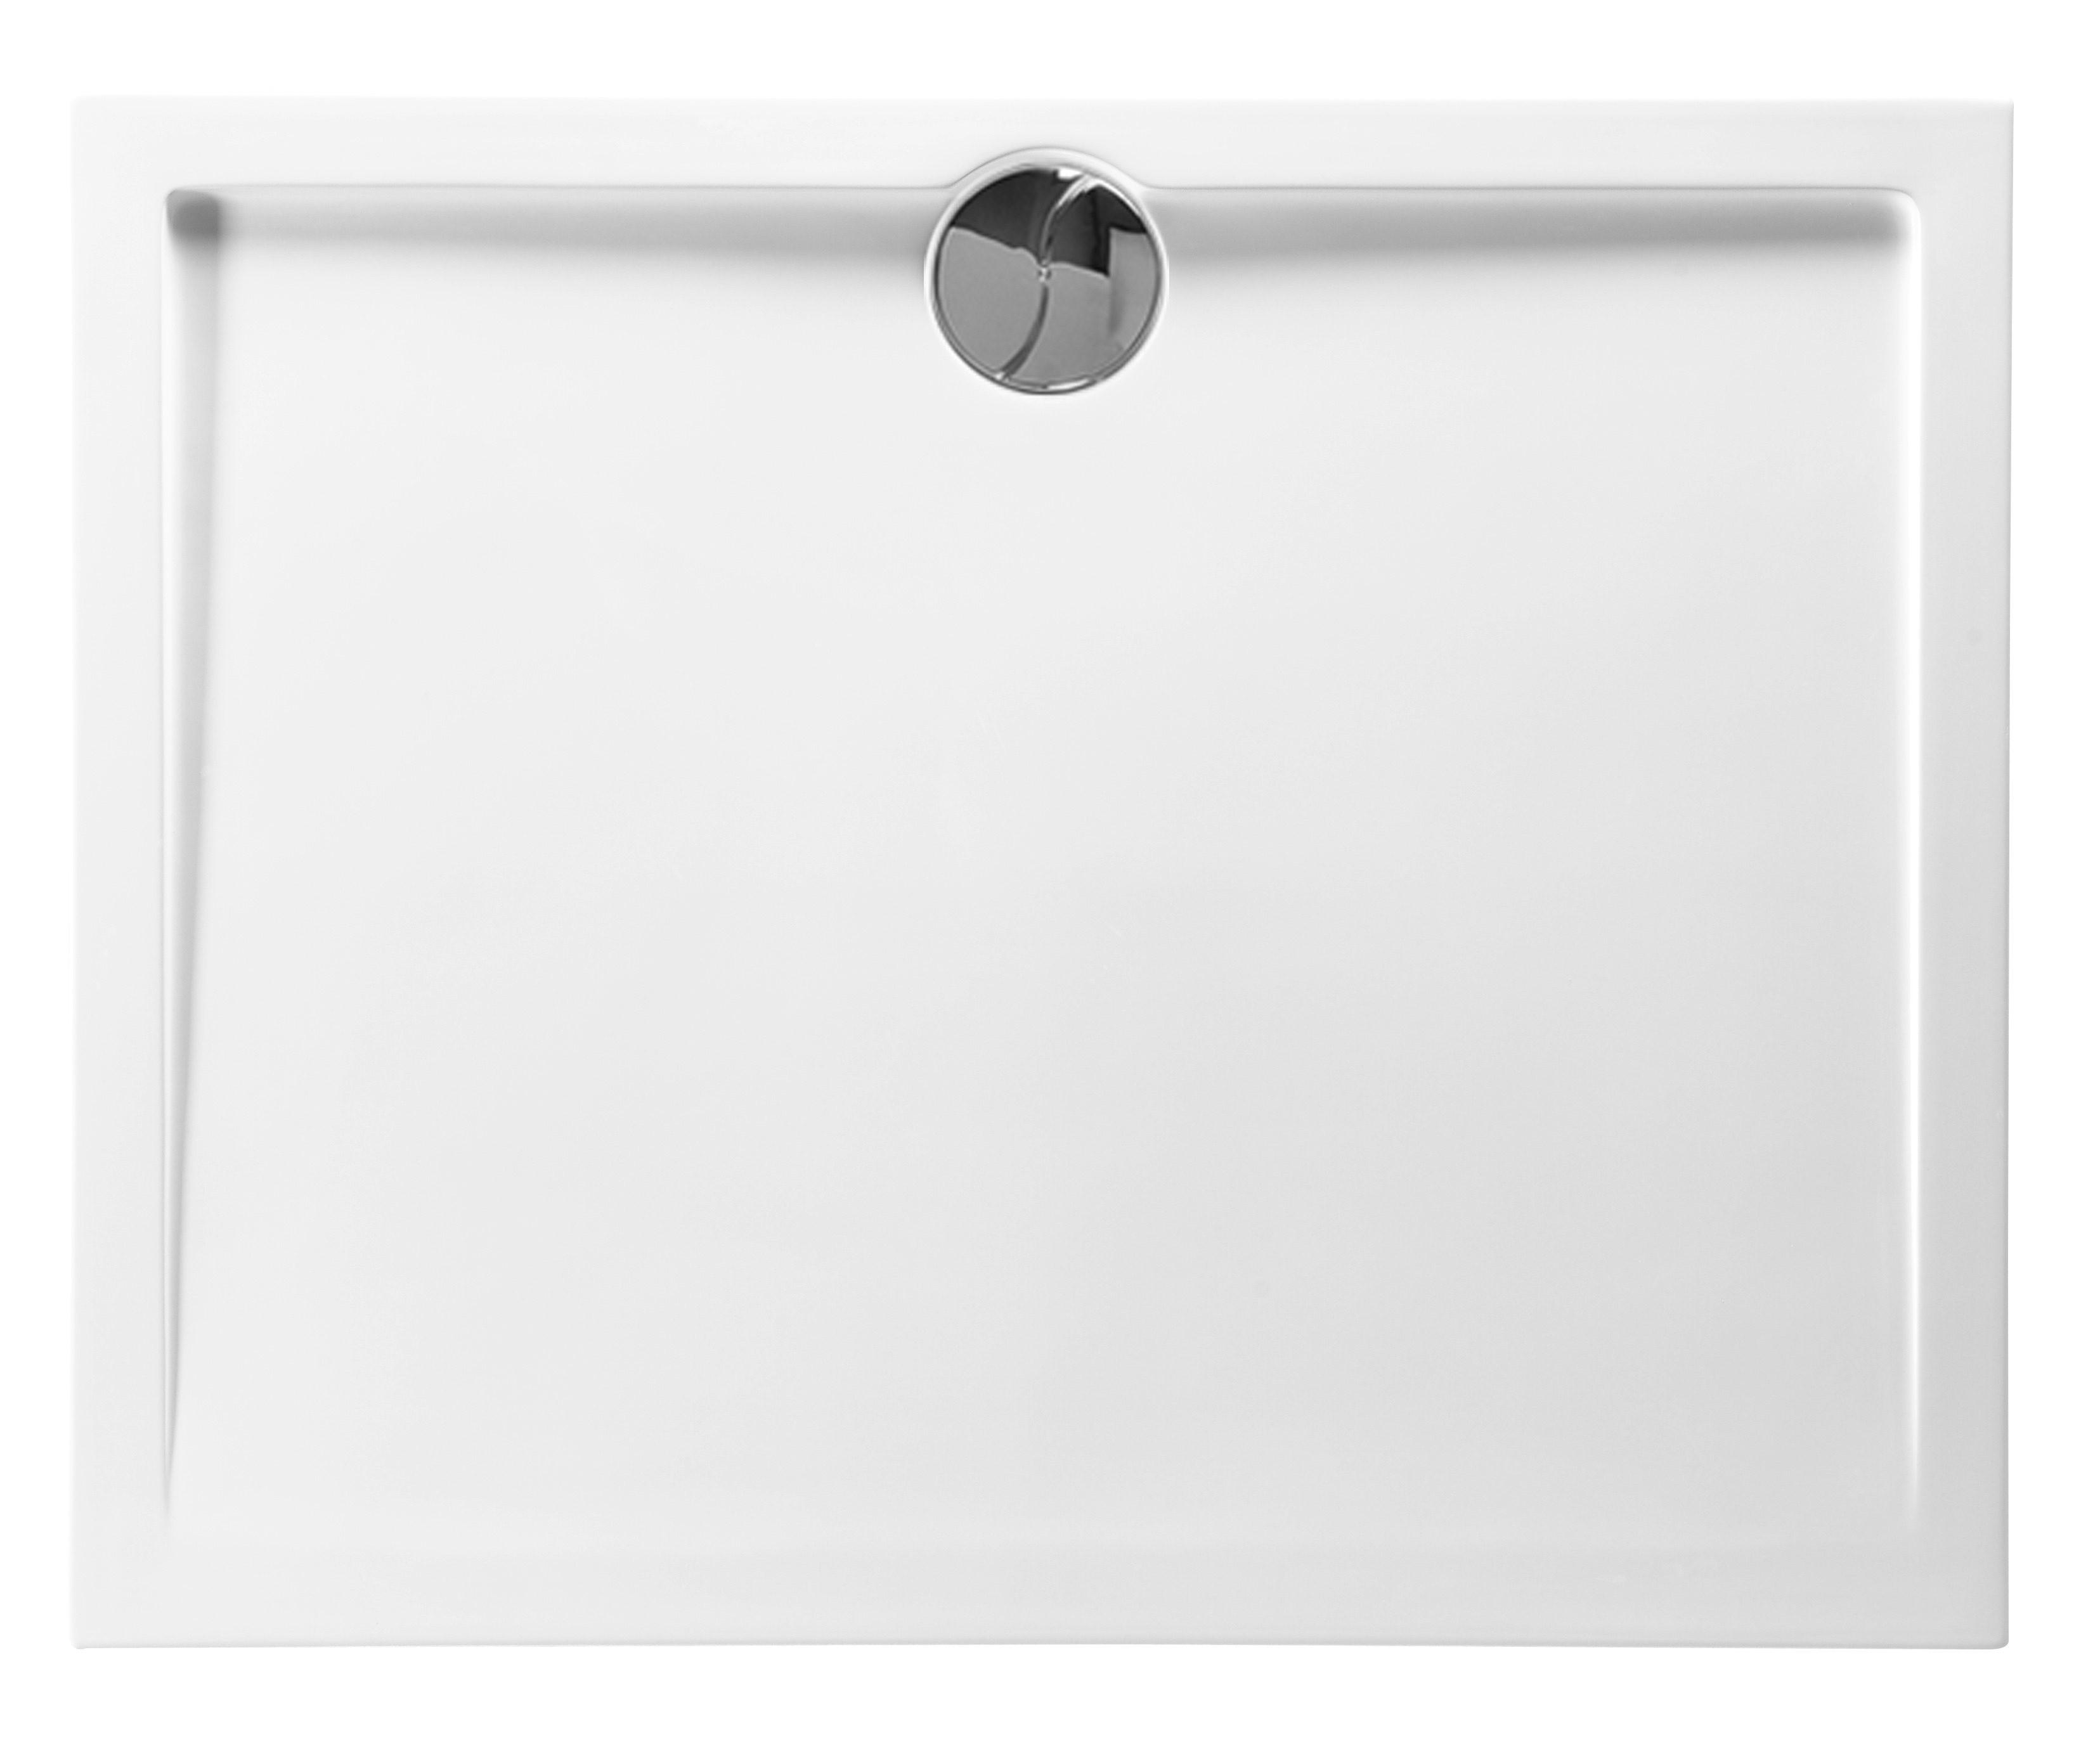 Salle De Bain Parement Baignoire ~ receveur de douche extra plat 100x100x4 cm en puretex avec bonde